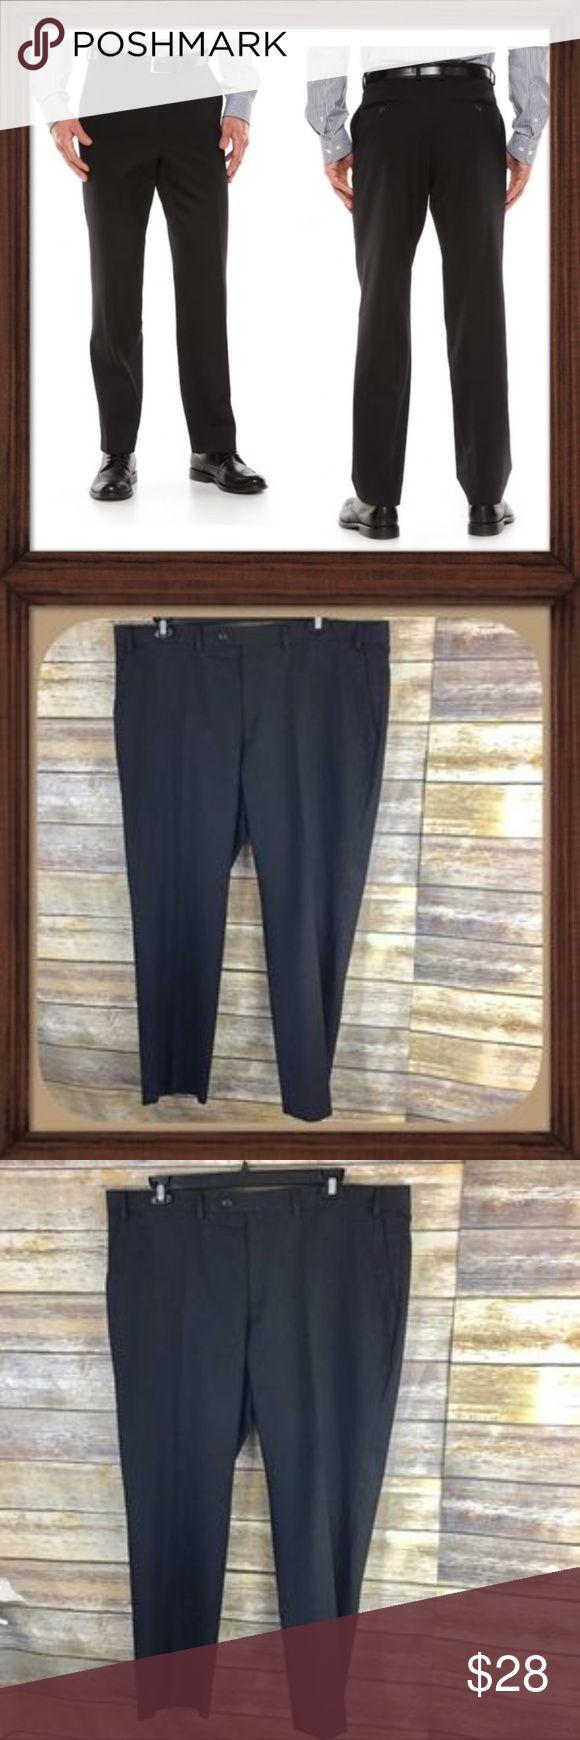 Chaps Men's Black Pin Striped Dress Pants EUC Black pin striped dress pants. In excellent used condition. Size 42Wx30L . Chaps Pants Dress